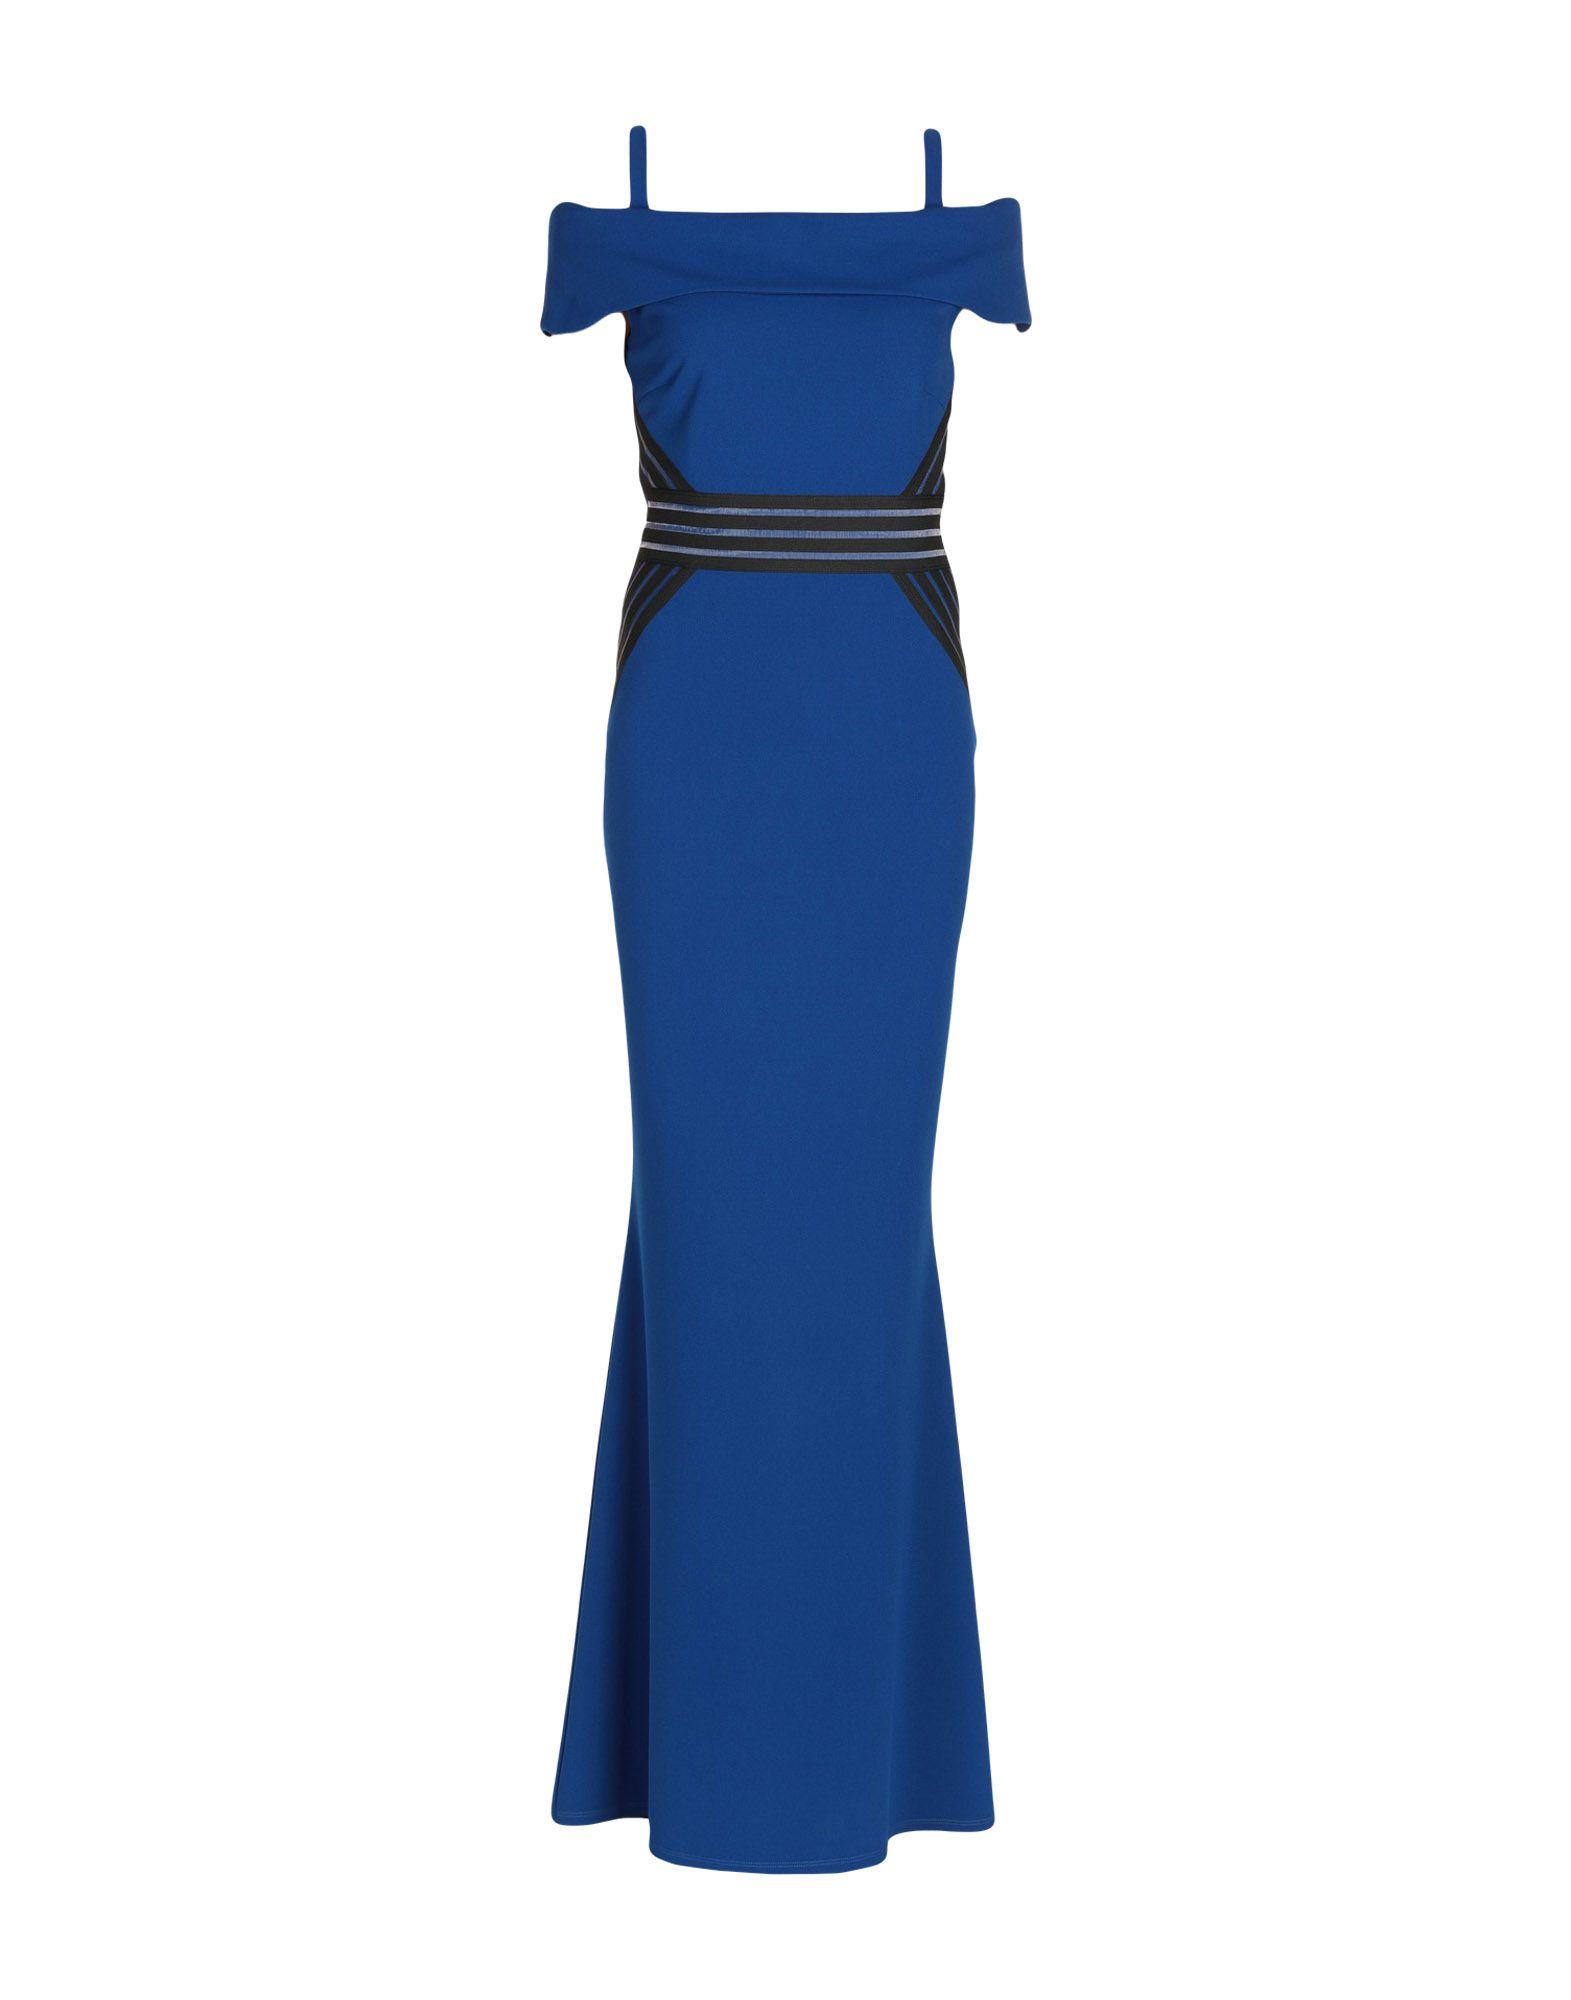 ALLURE Длинное платье hitorat платье элегантной моды юбка 2015 осень зима новый стиль длинное платье рукав